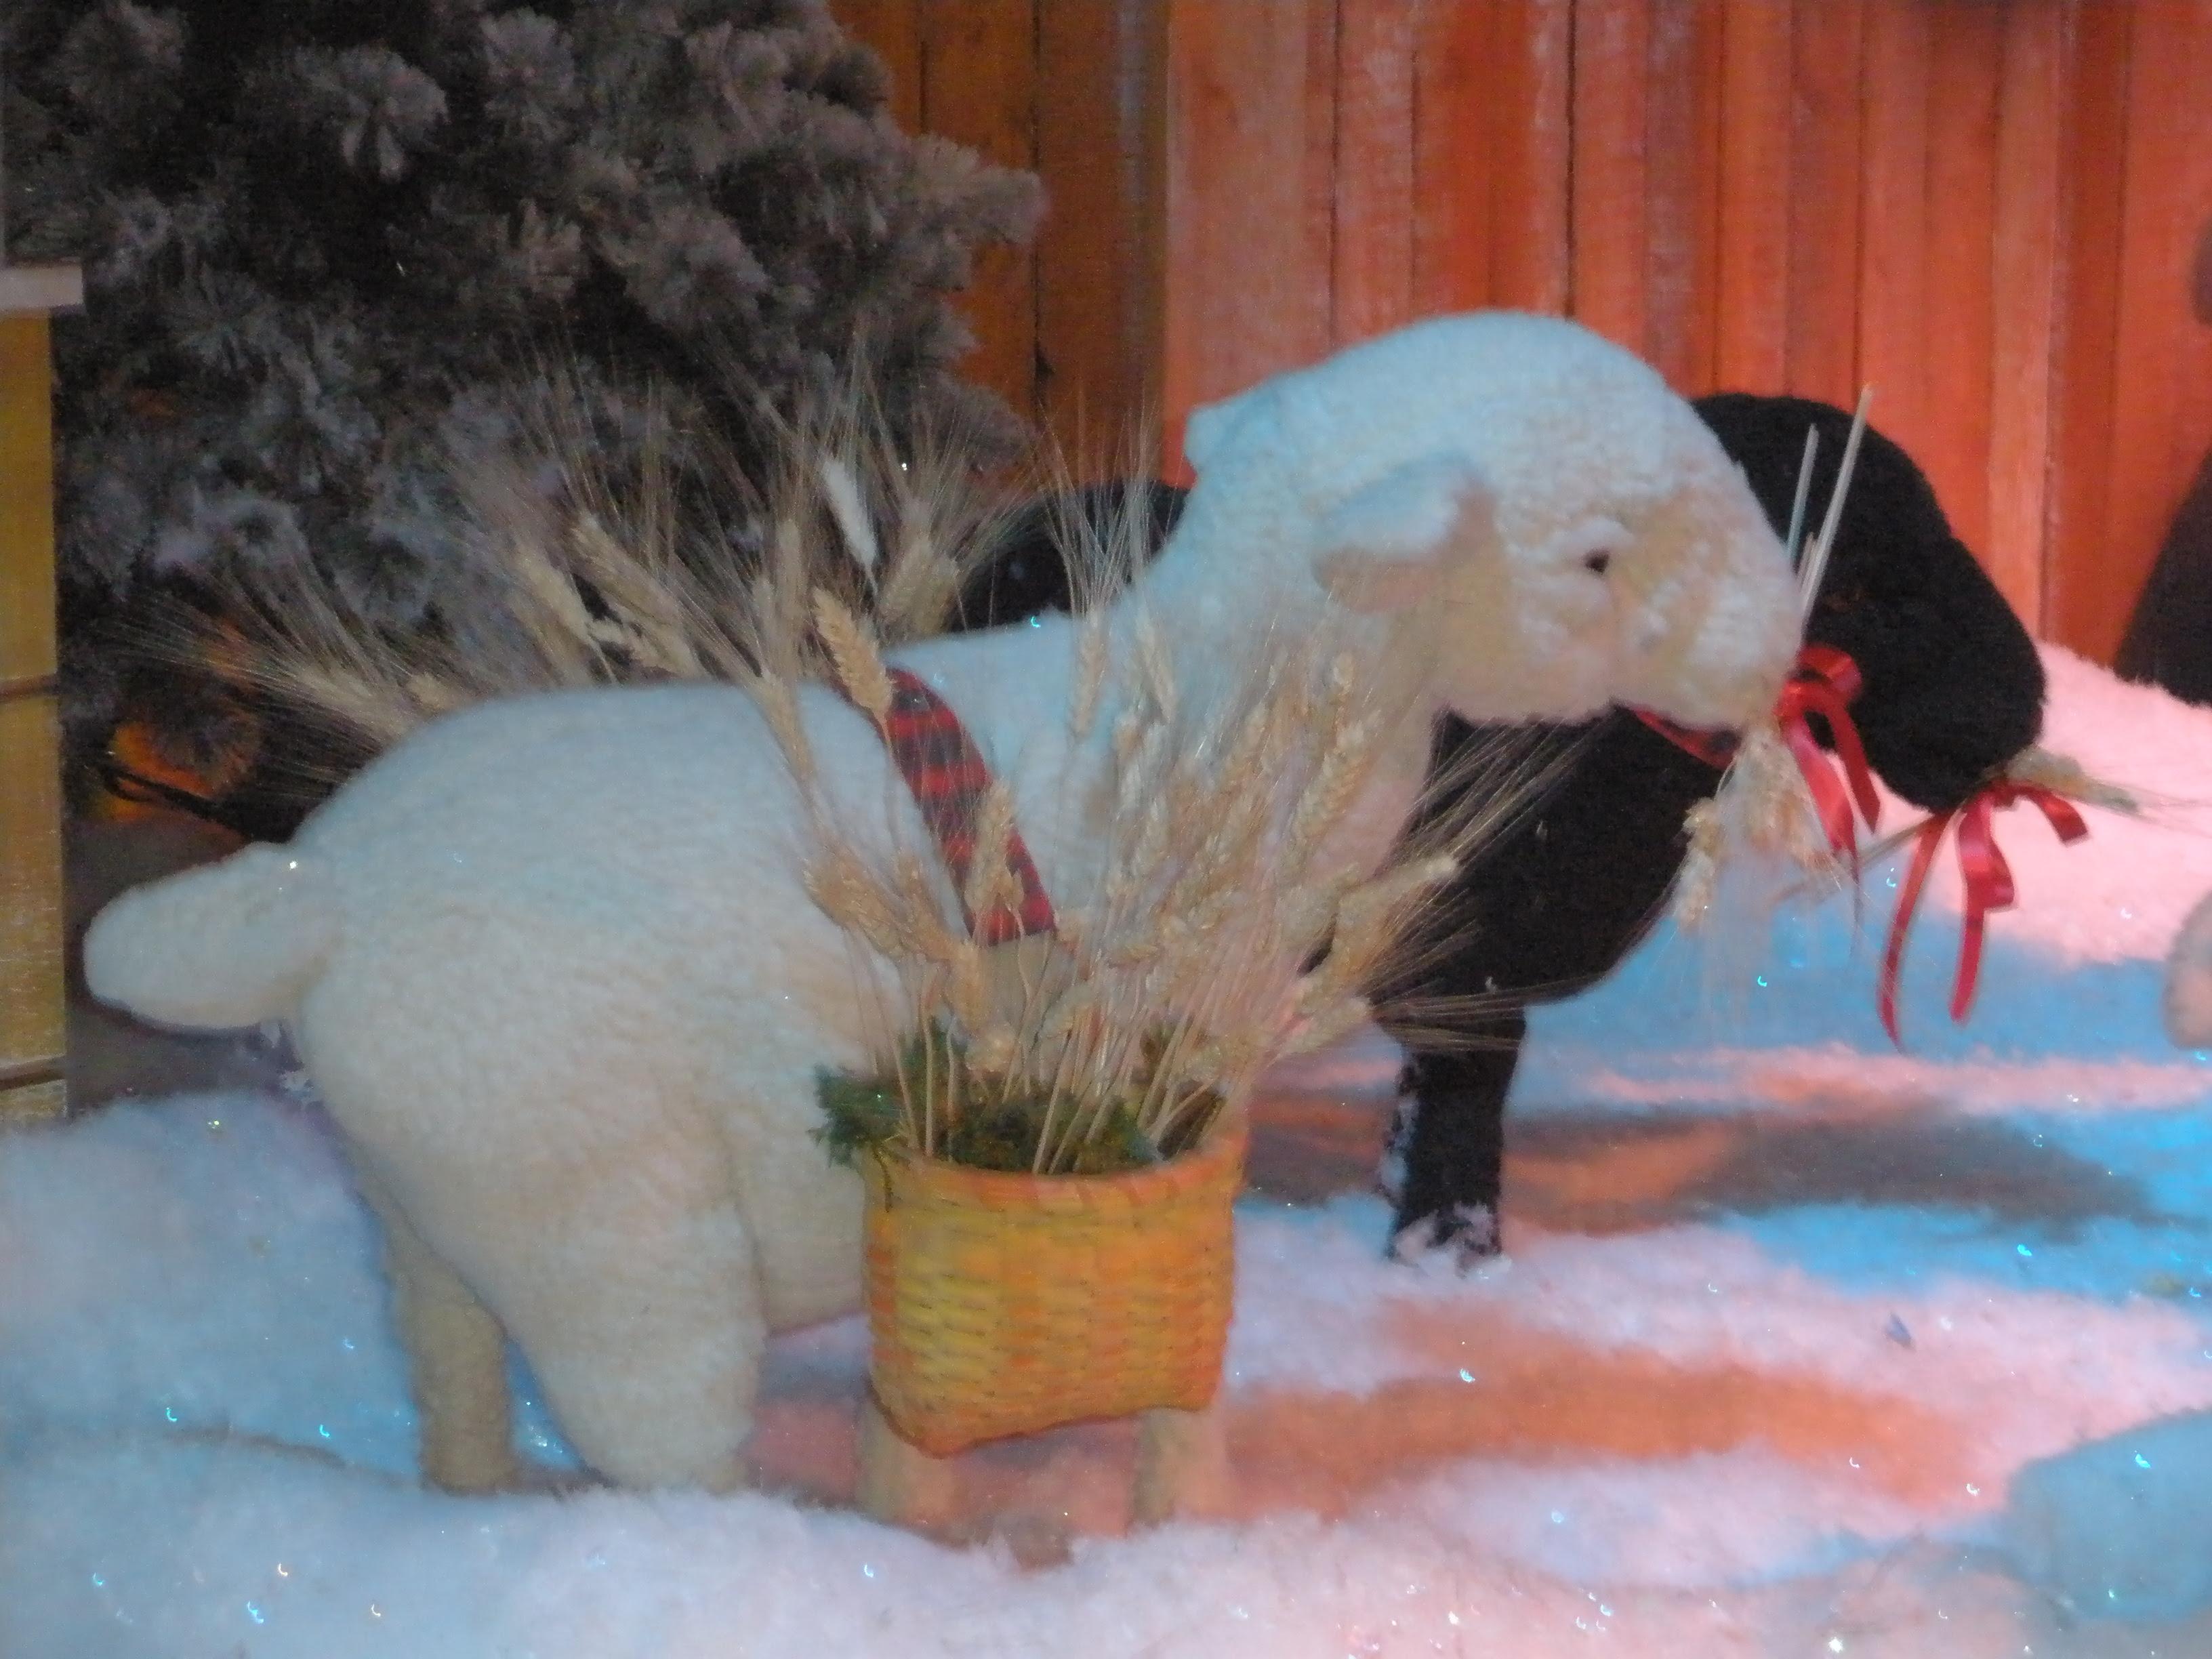 Sheep at Macy's Holiday Show